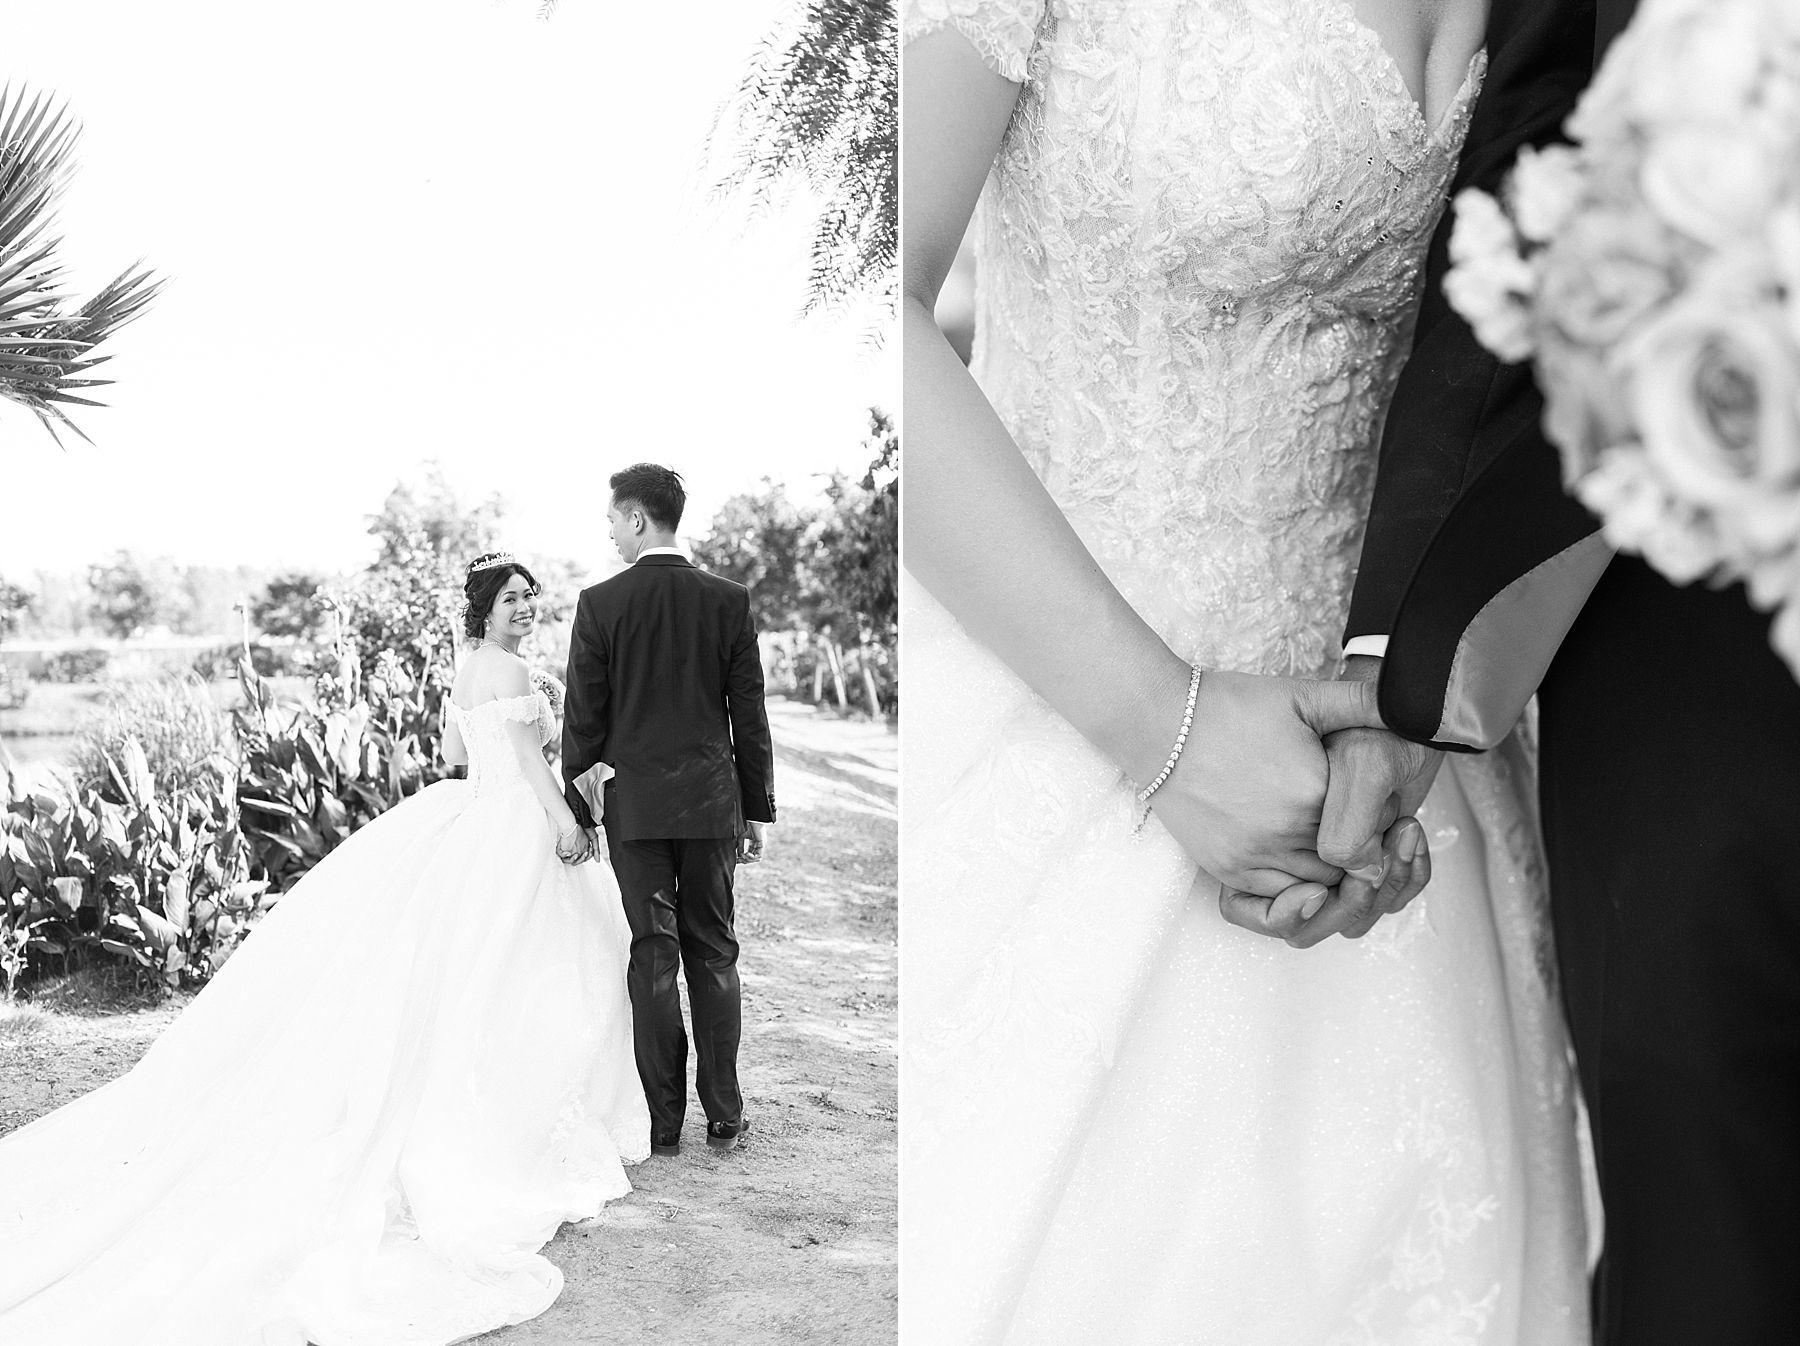 Newberry Estate Vineyards Wedding - Ashley Baumgartner - Jasmine and Johhny - Bay Area Wedding Photographer - Sacramento Wedding Photographer_0027.jpg